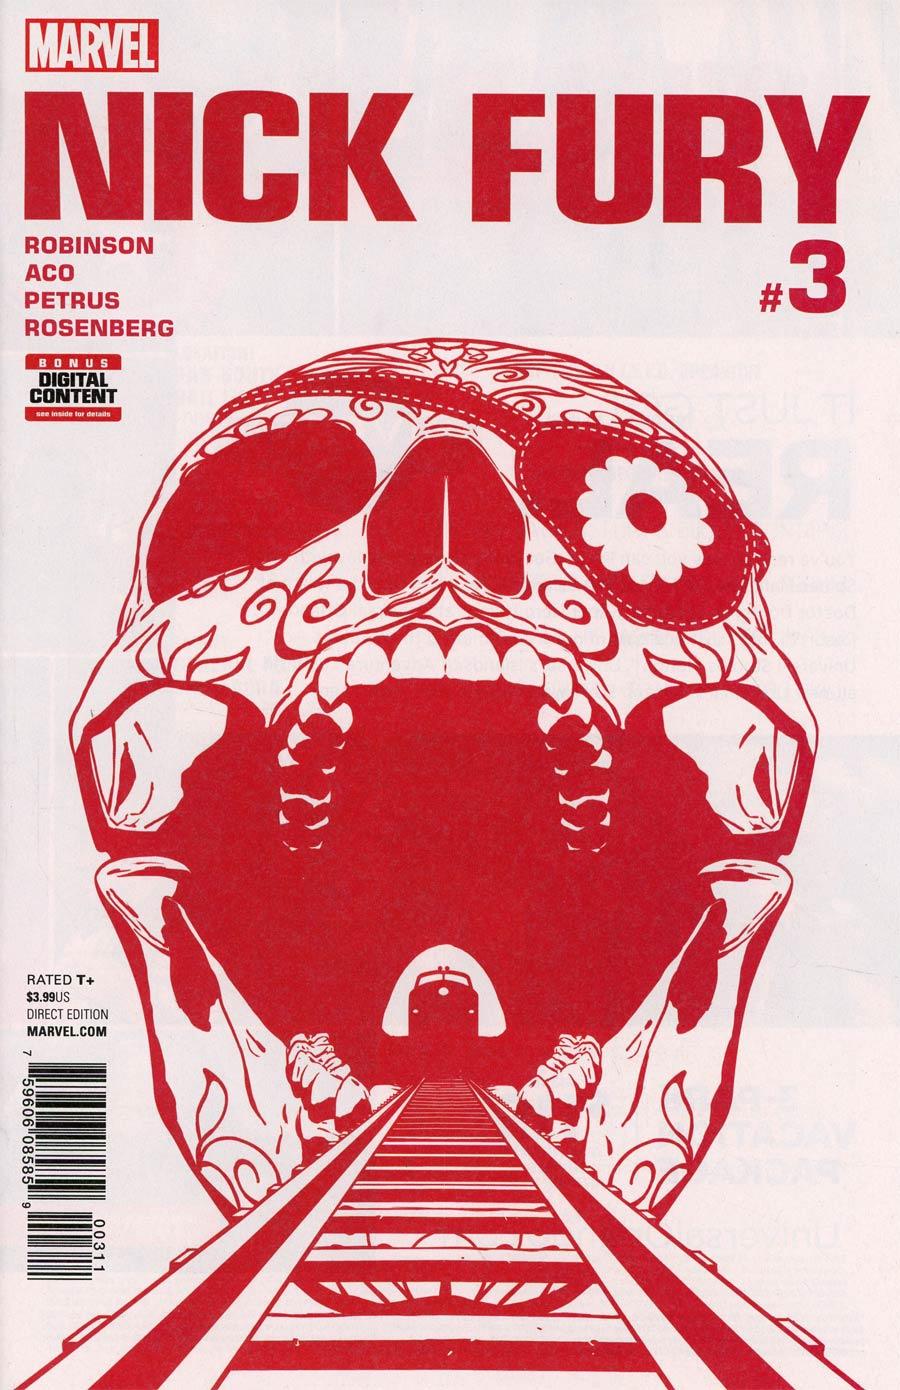 Nick Fury #3 Cover A Regular Aco Cover